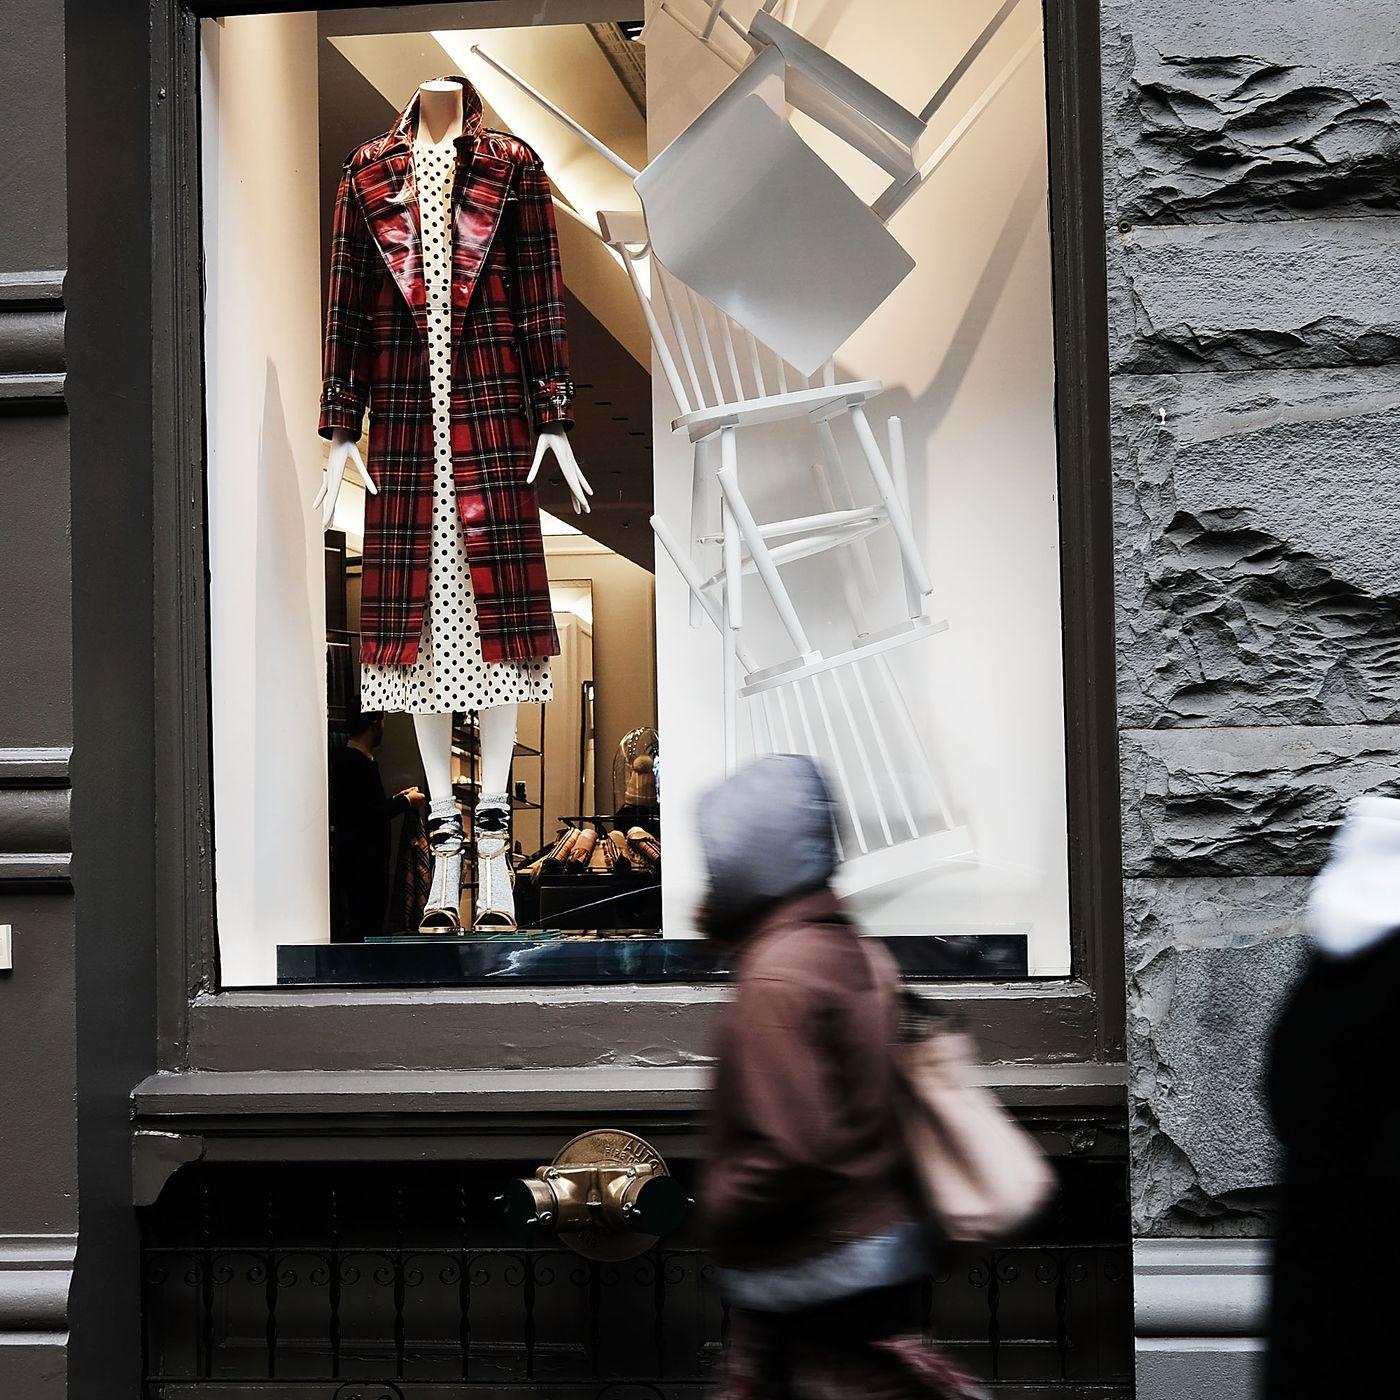 falta seta Brote  Now's the Time to Buy That Balenciaga Bag - Racked